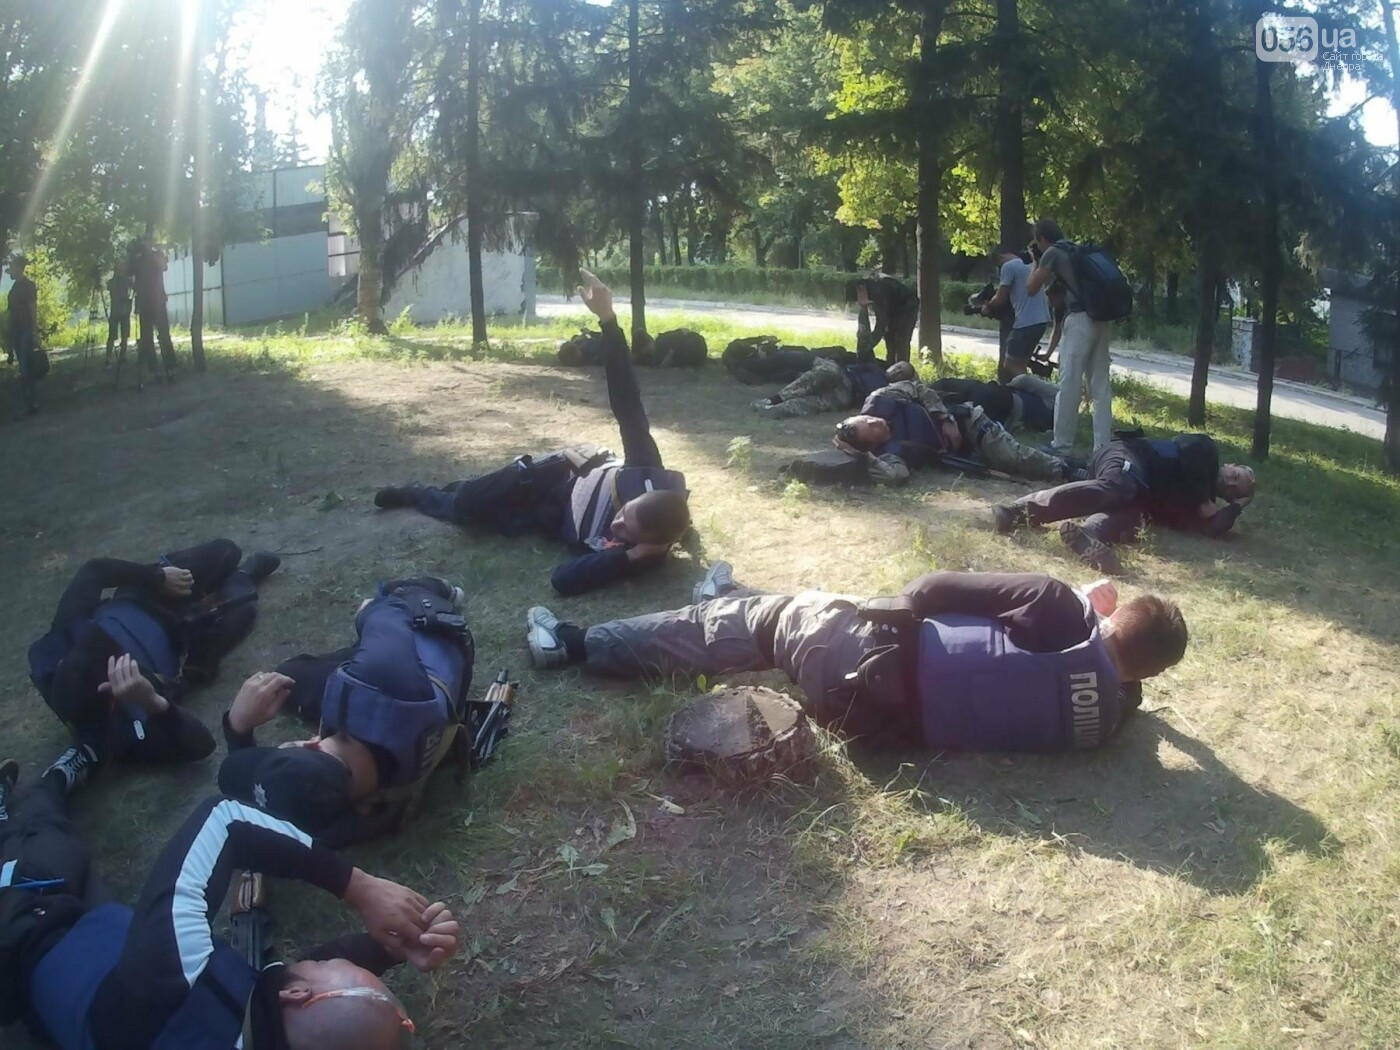 В Днепре проходят тактические учения для патрульных полицейских Луганской области, - ФОТО, ВИДЕО, фото-2